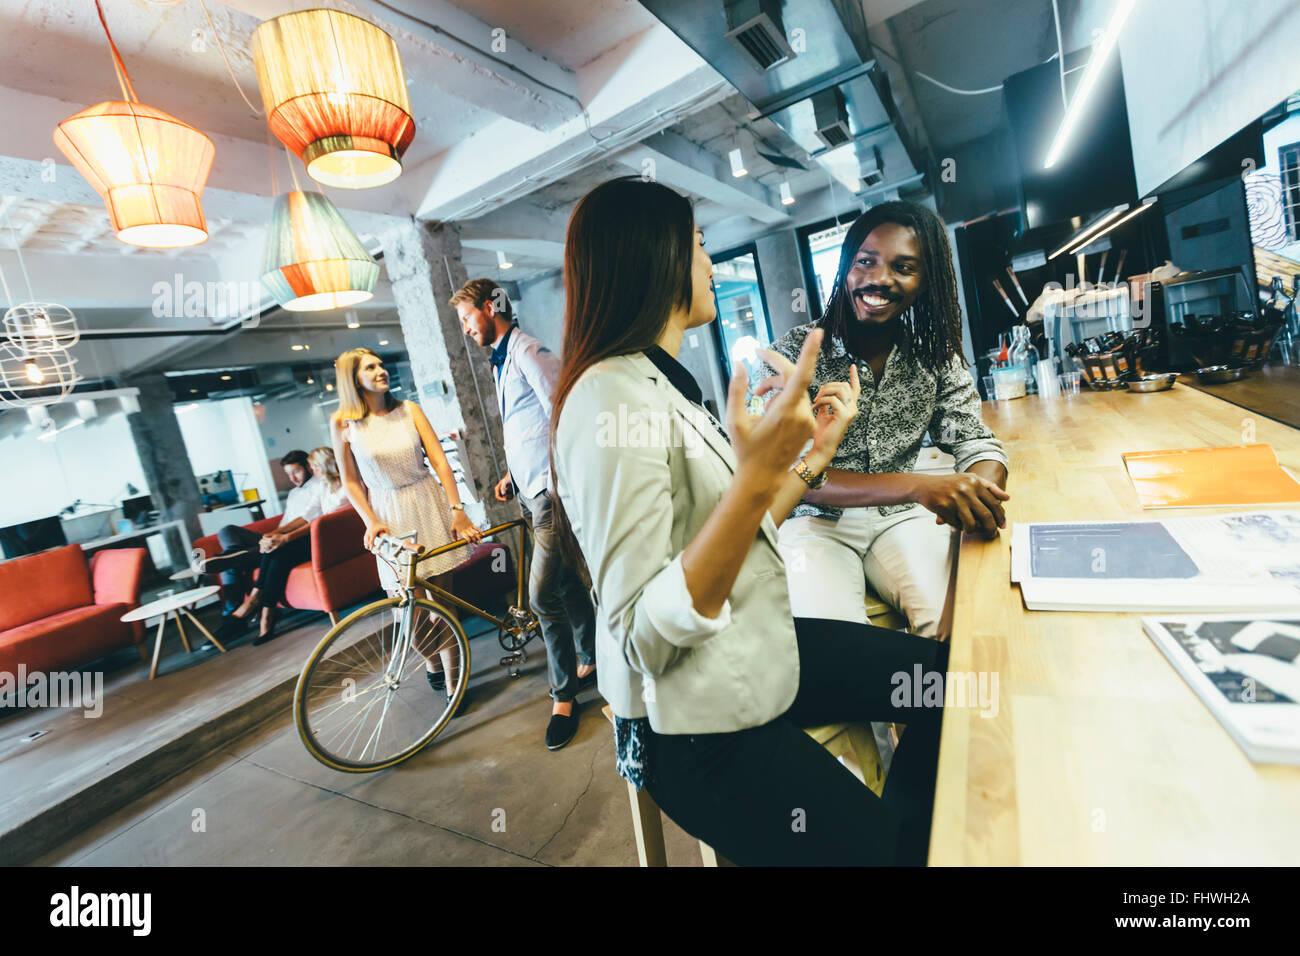 Cafetería moderna, dinámica de la vida, las personas y la diversidad Imagen De Stock